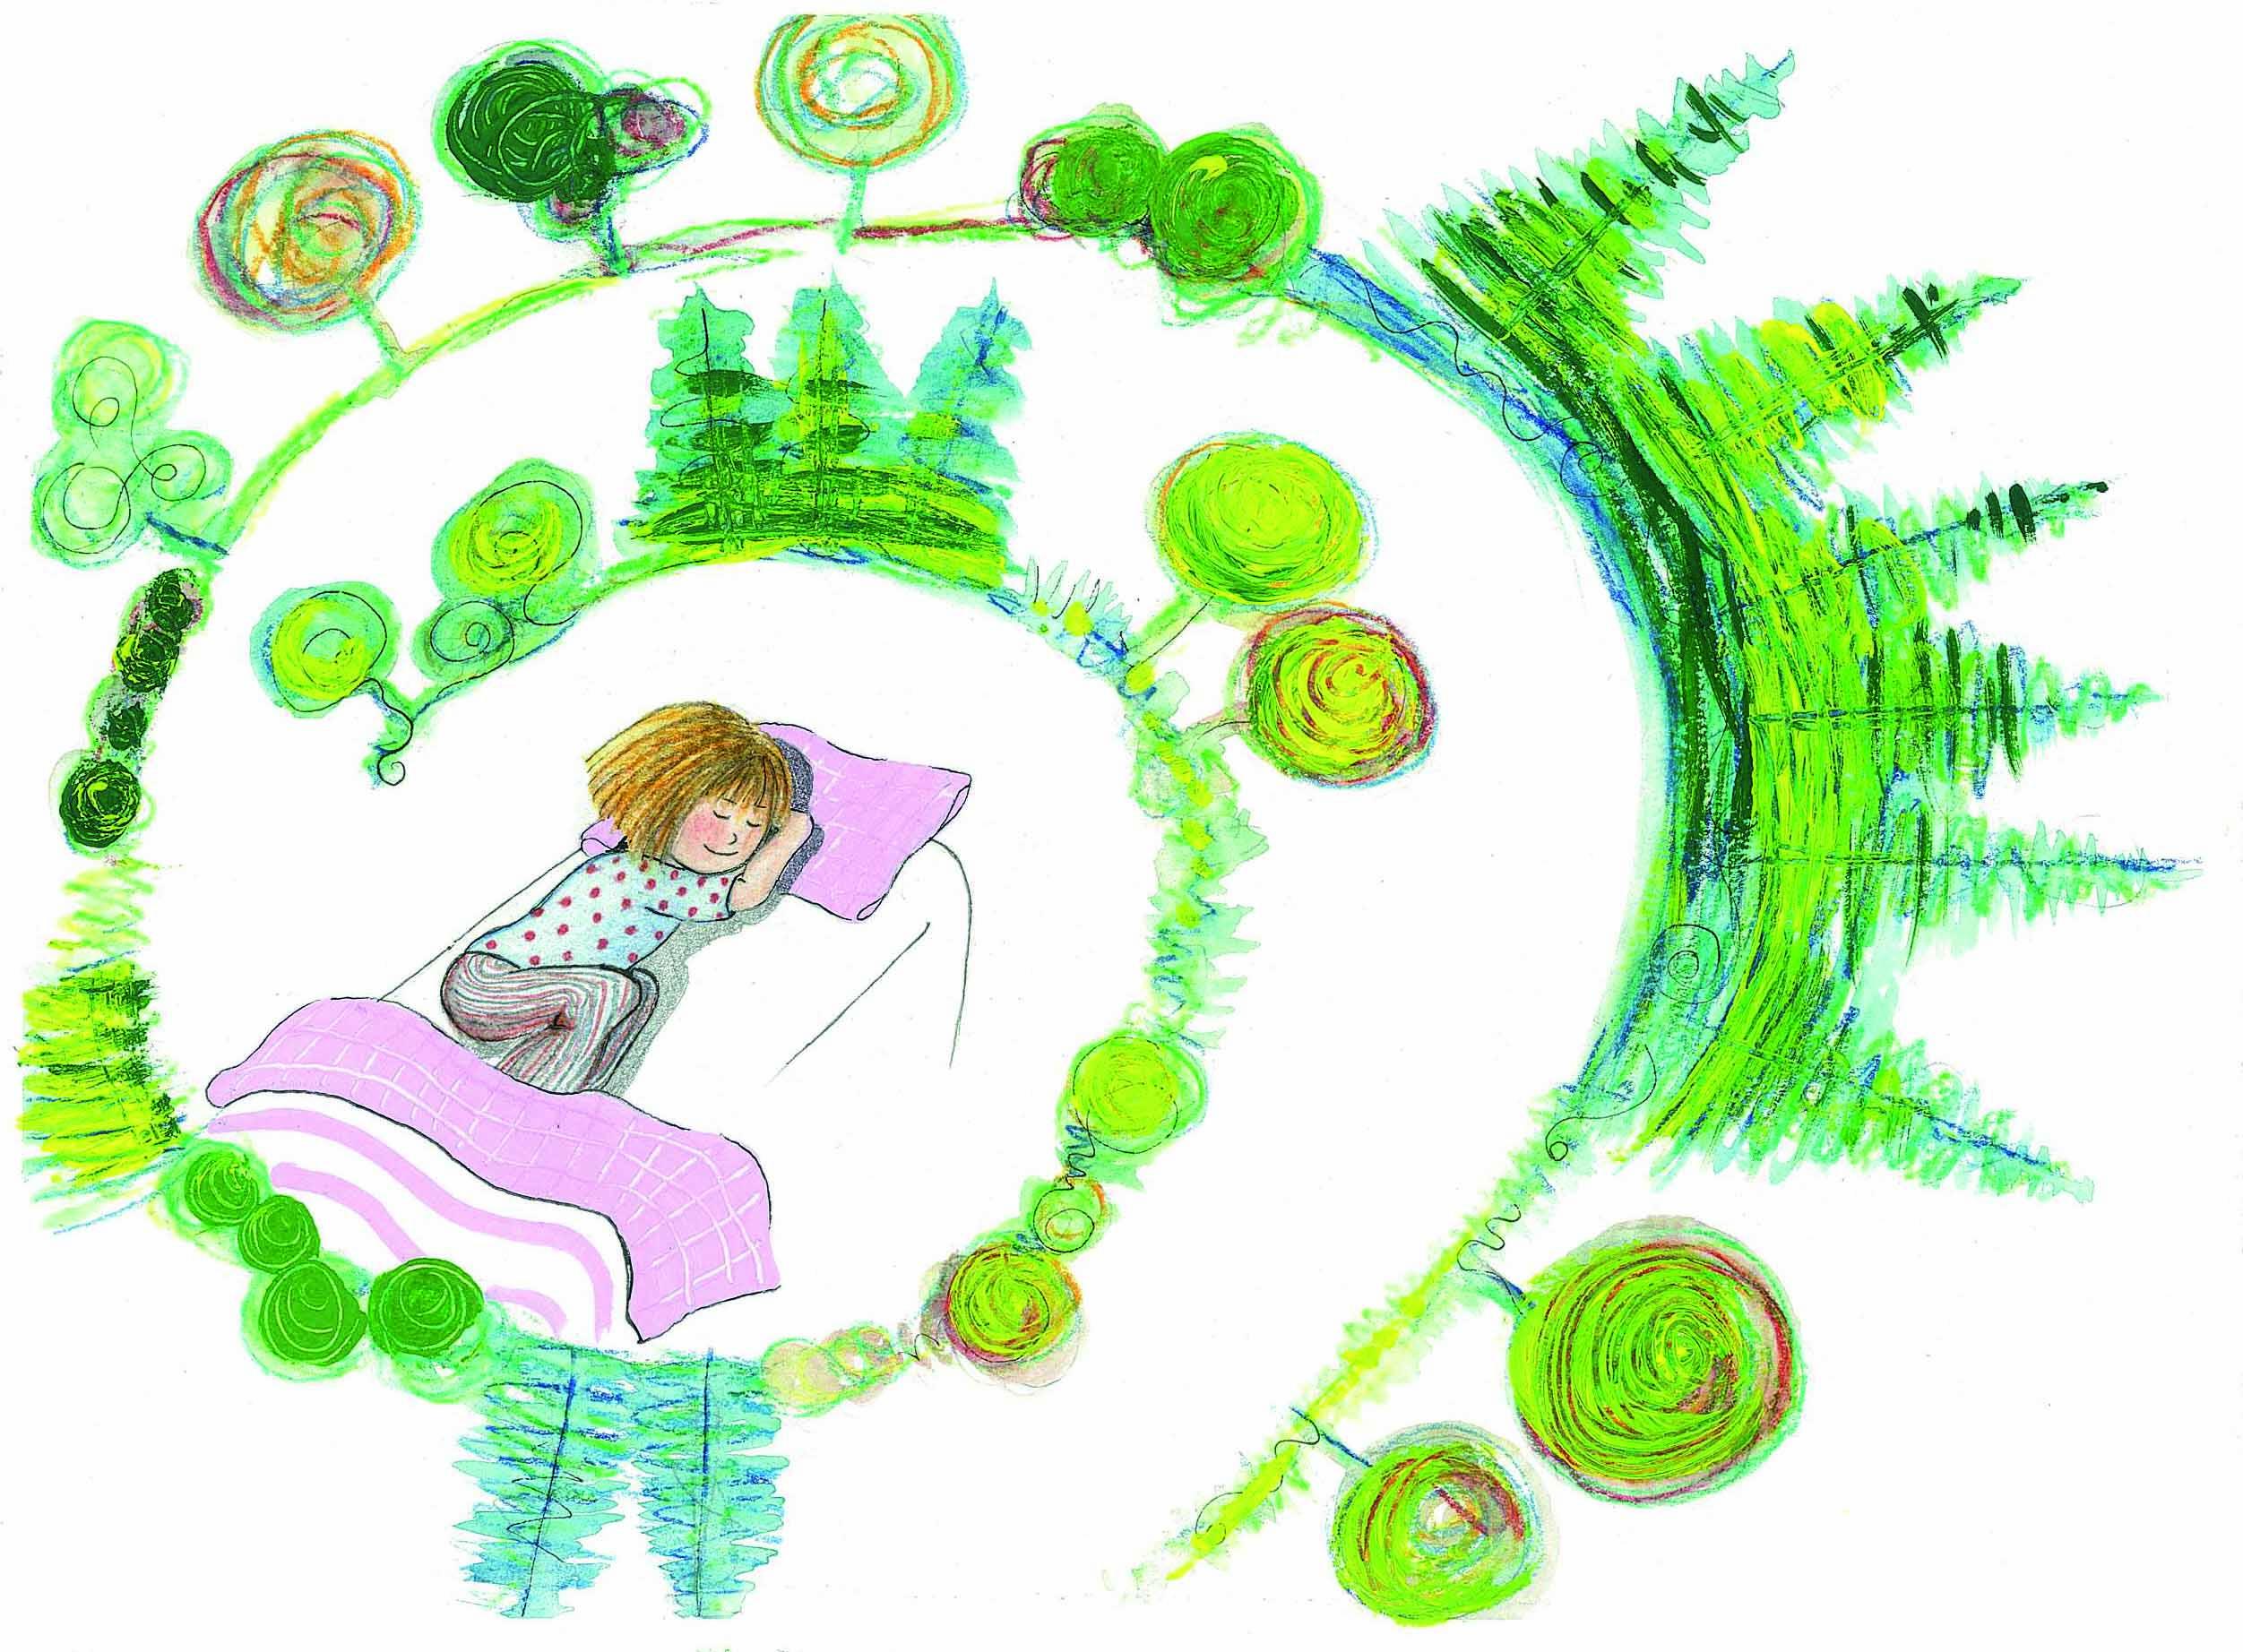 illustrazione, tecnica mista su carta, da Quanti verdi! 2013